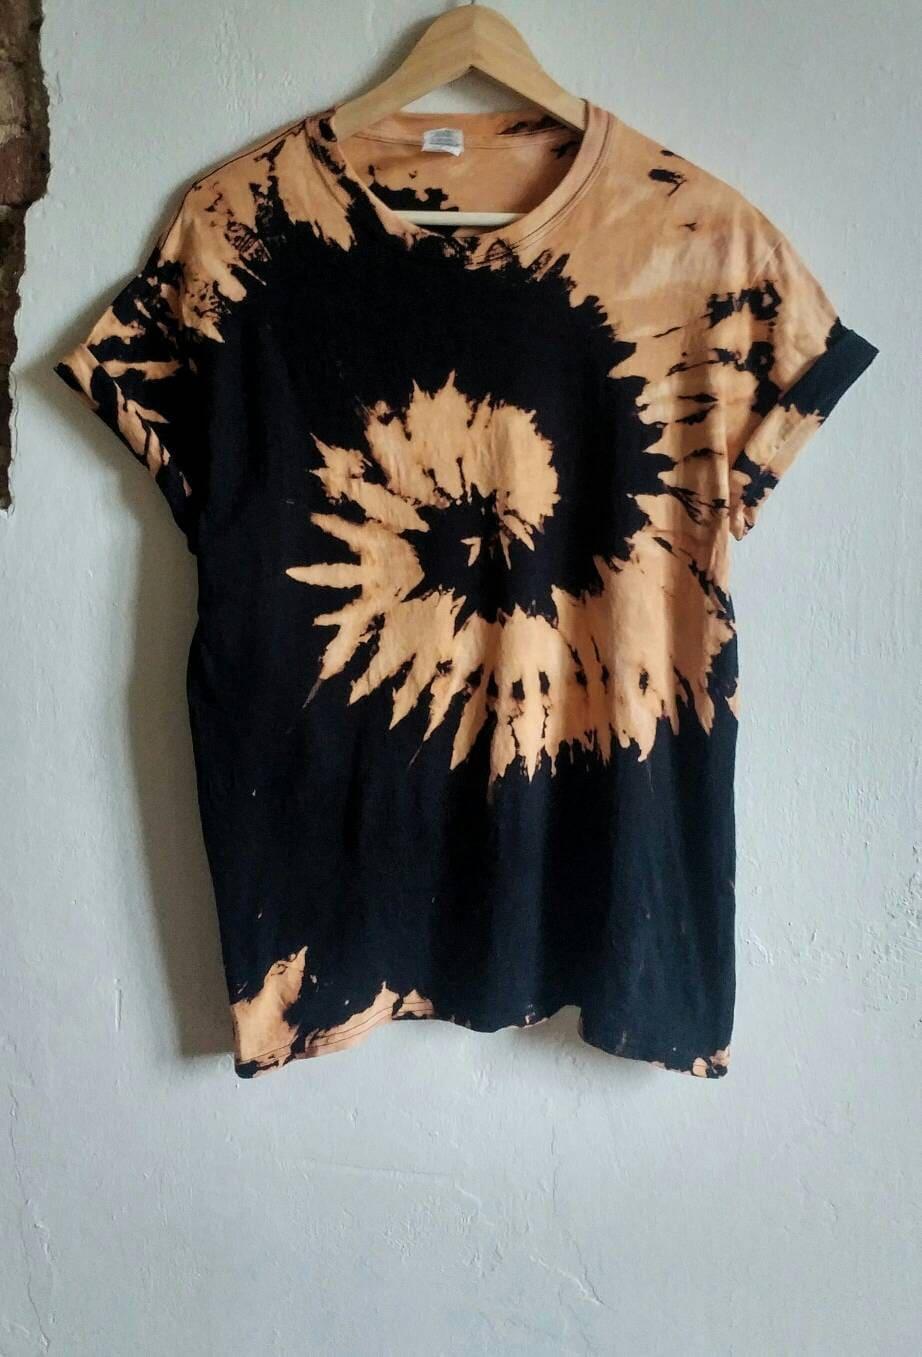 f7f5702e729e7 Tie Dye Black T Shirt With Bleach - DREAMWORKS